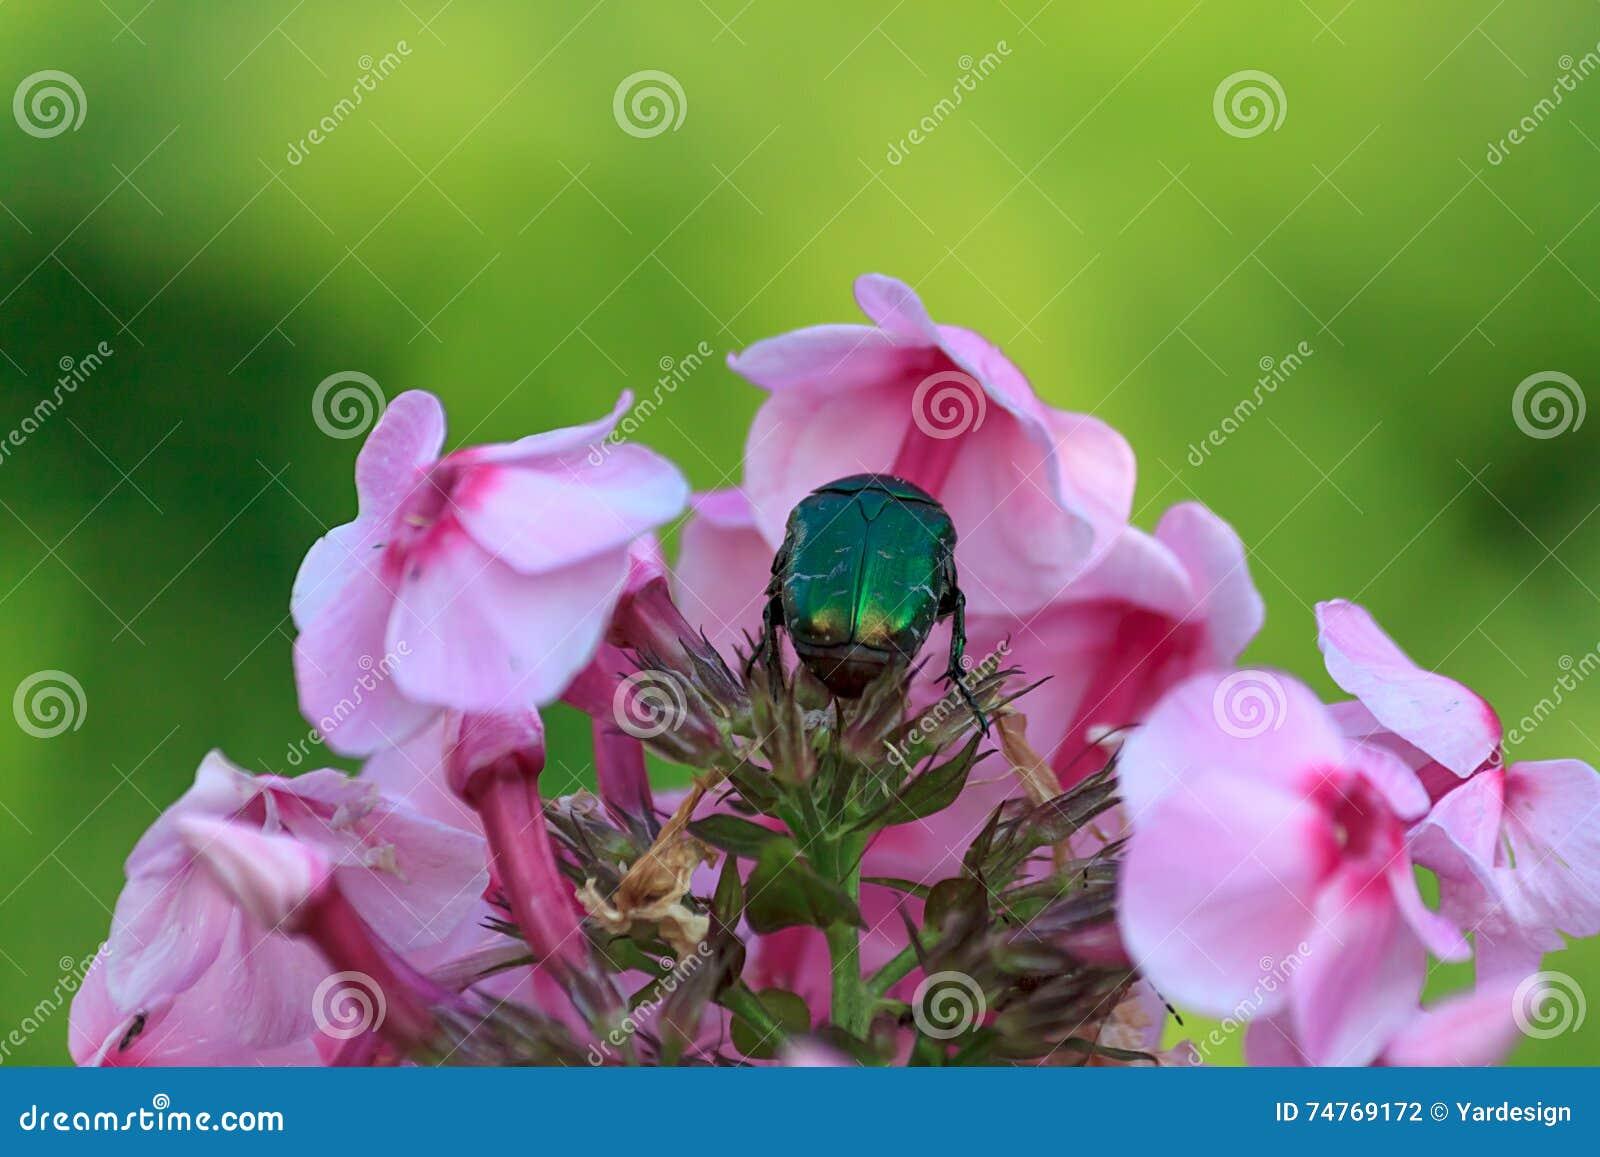 le grand scarabée vert ou le scarabée rose ou le cetonia sur des